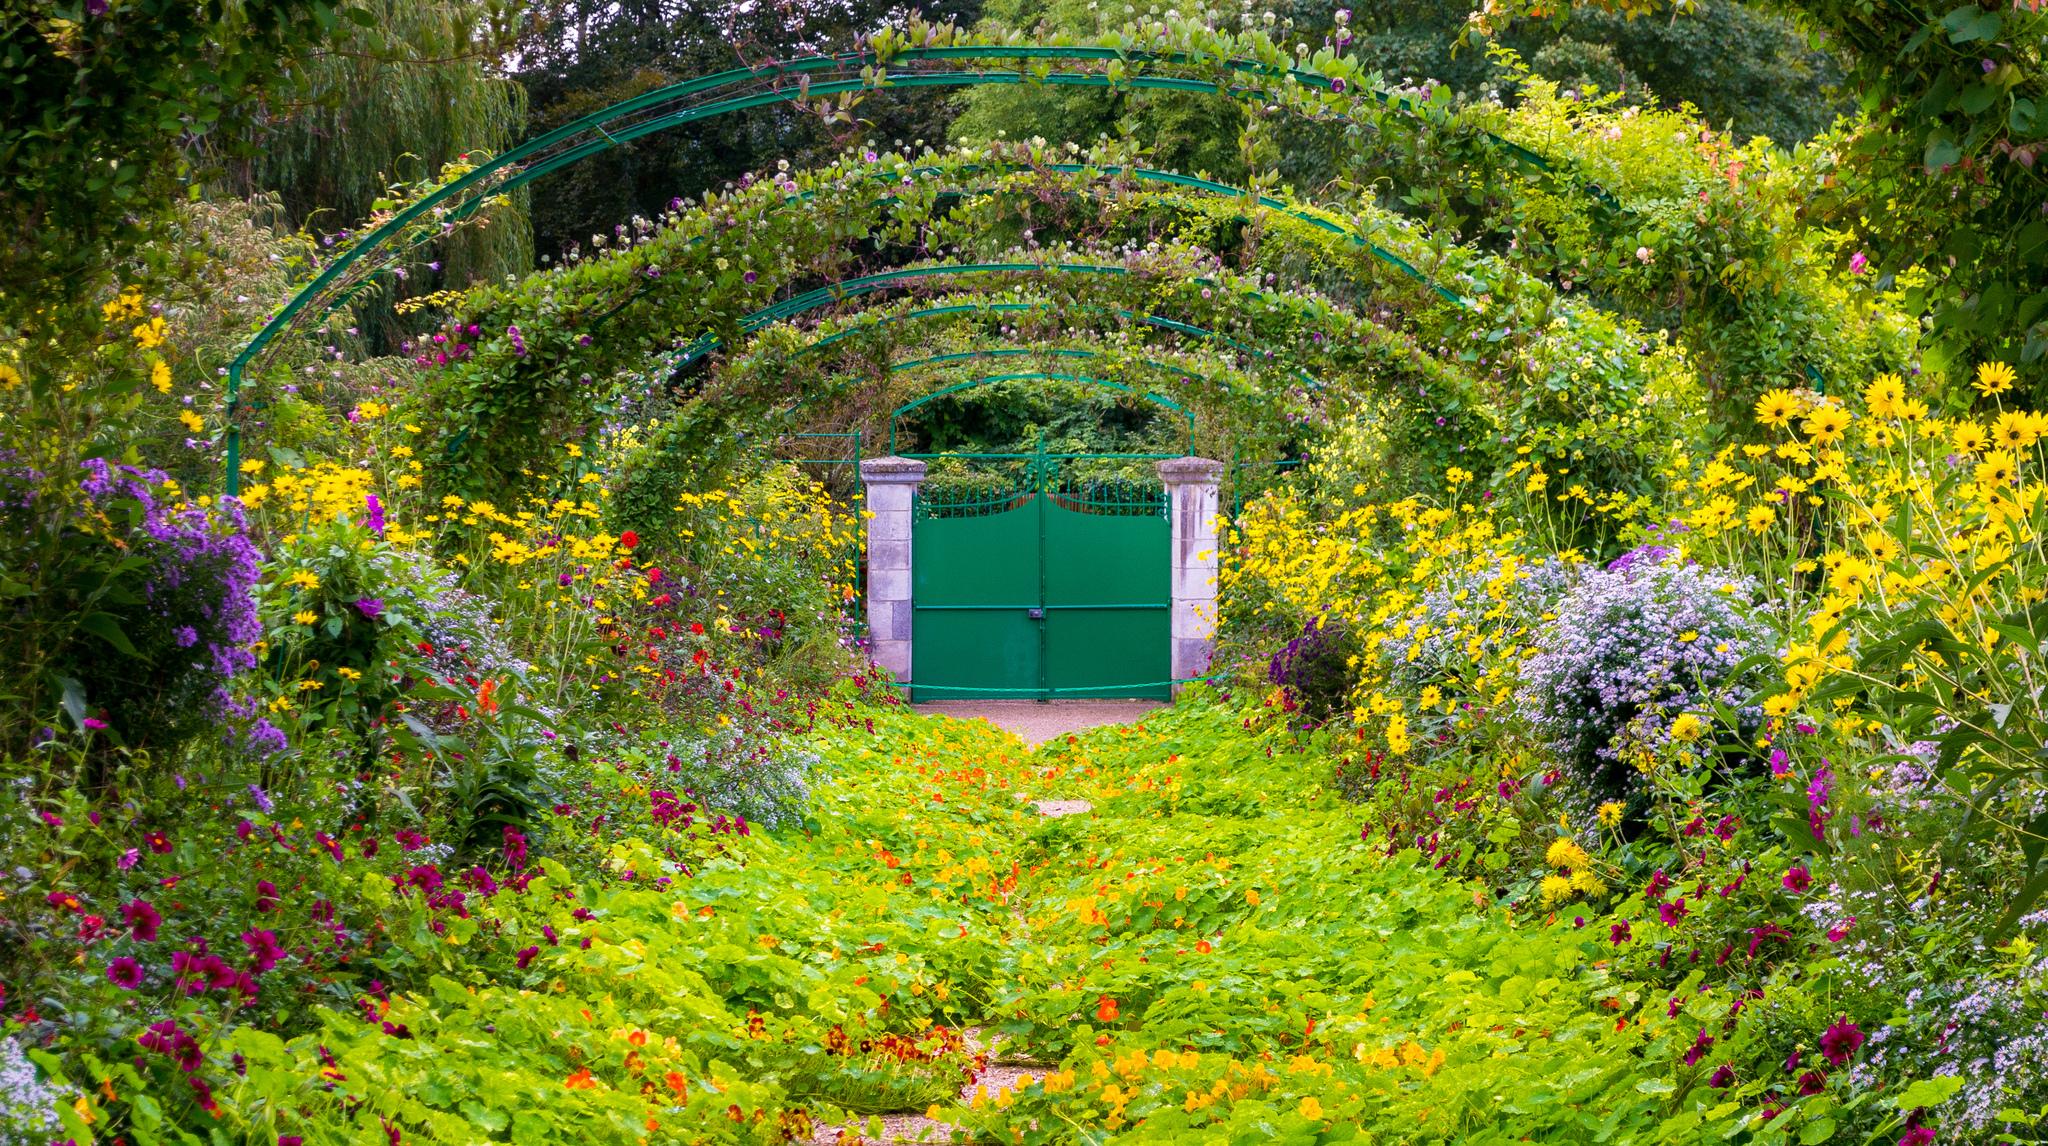 I fiori al giardino di Giverny